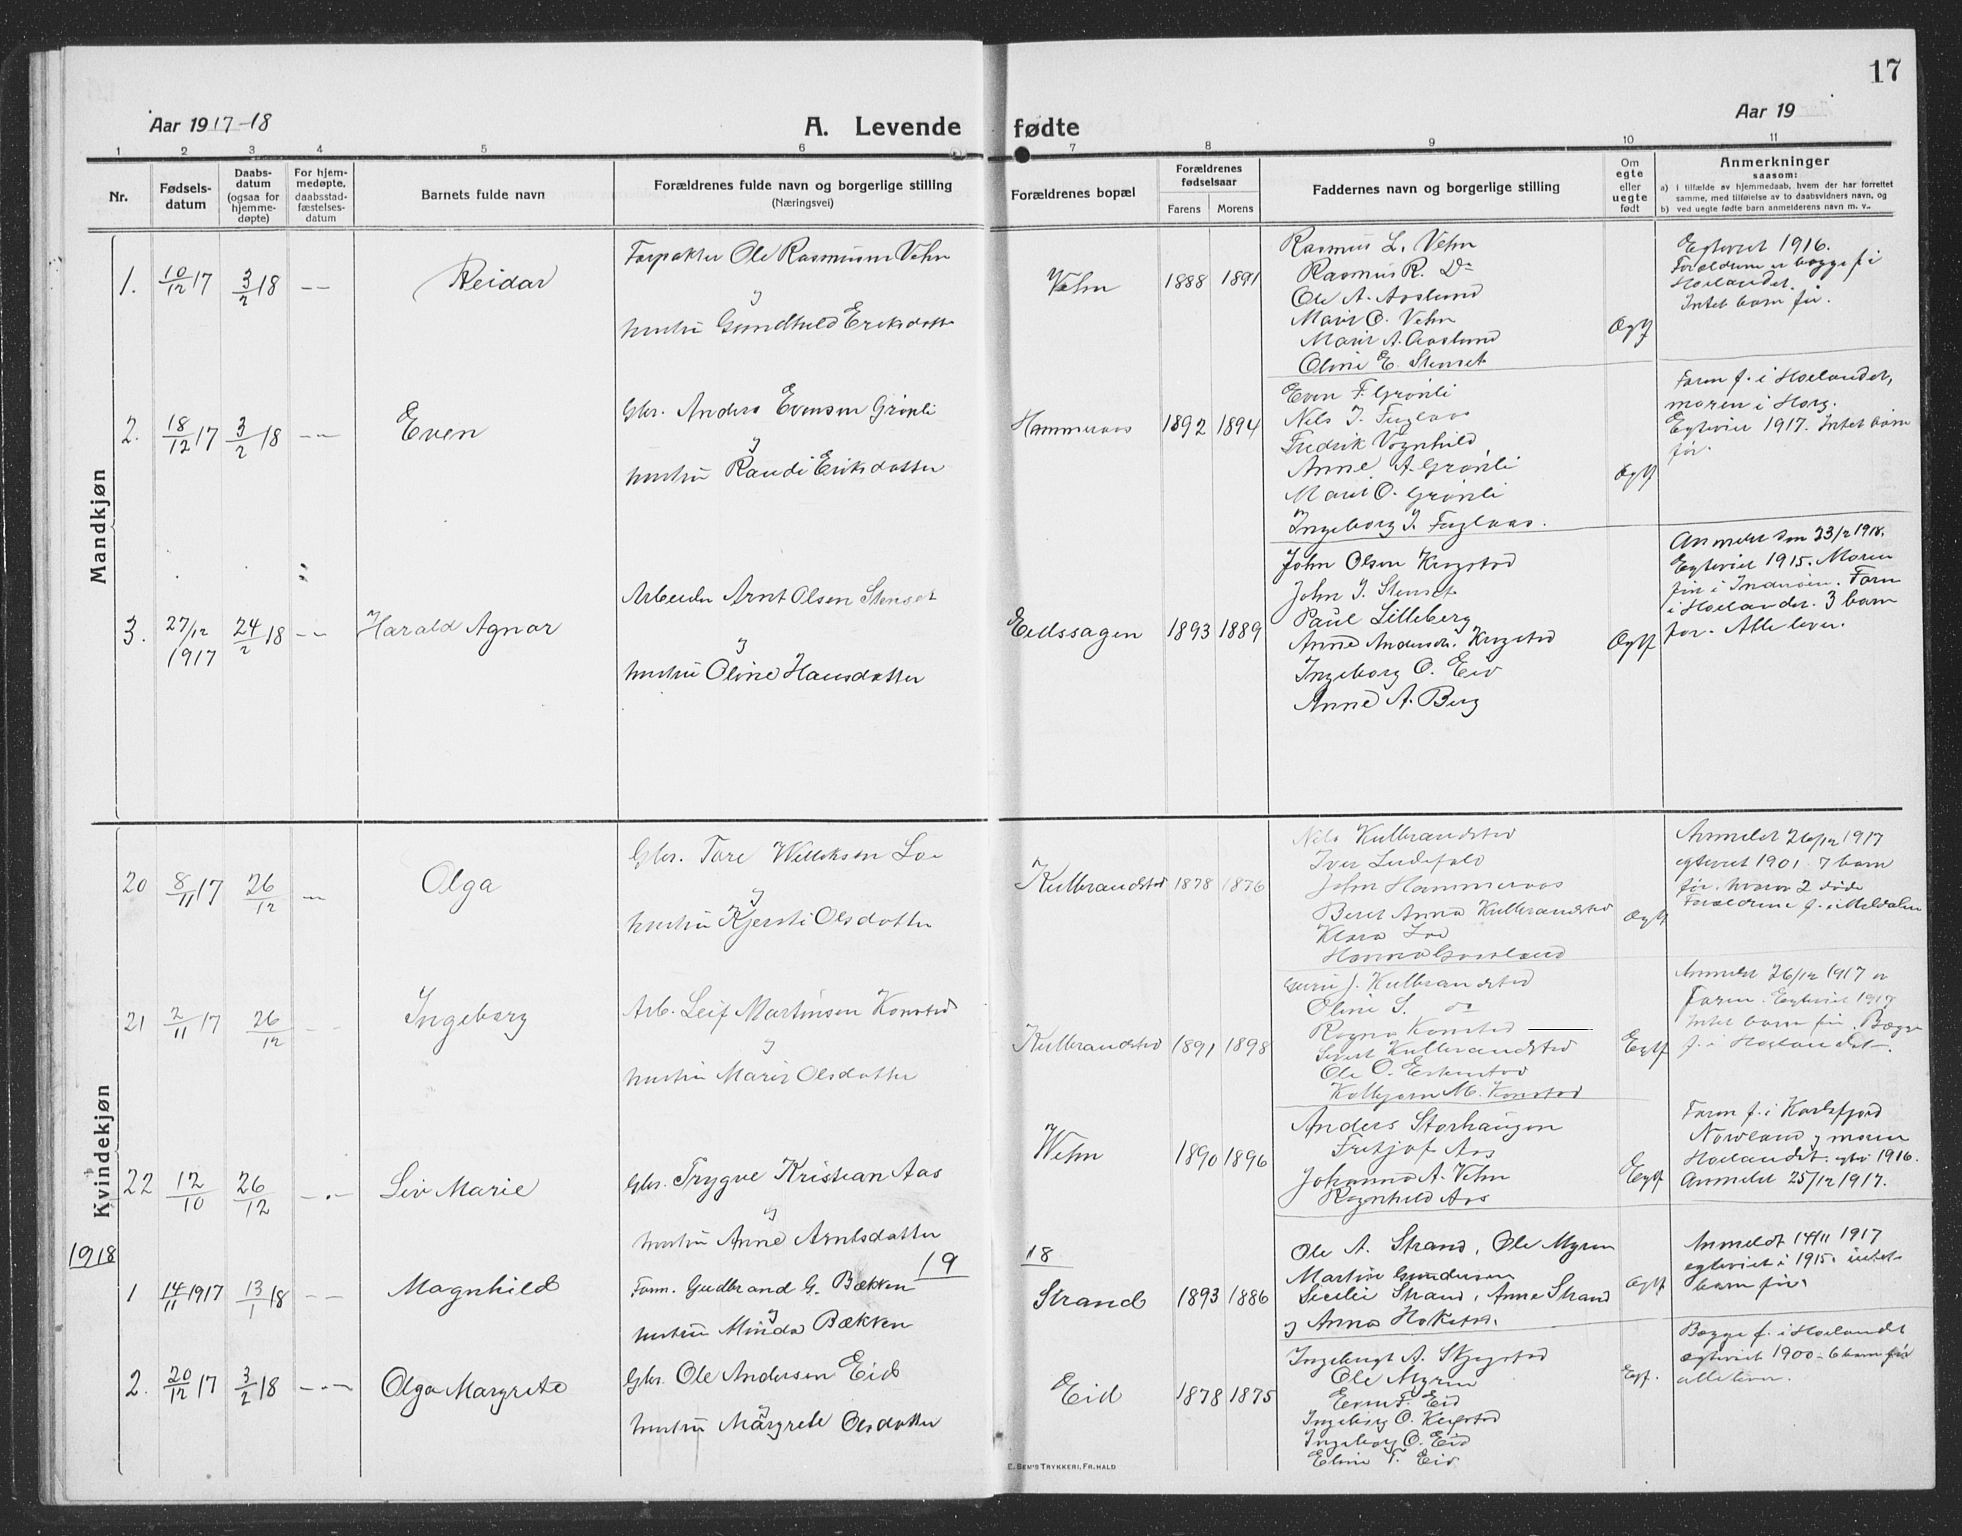 SAT, Ministerialprotokoller, klokkerbøker og fødselsregistre - Sør-Trøndelag, 694/L1134: Klokkerbok nr. 694C06, 1915-1937, s. 17